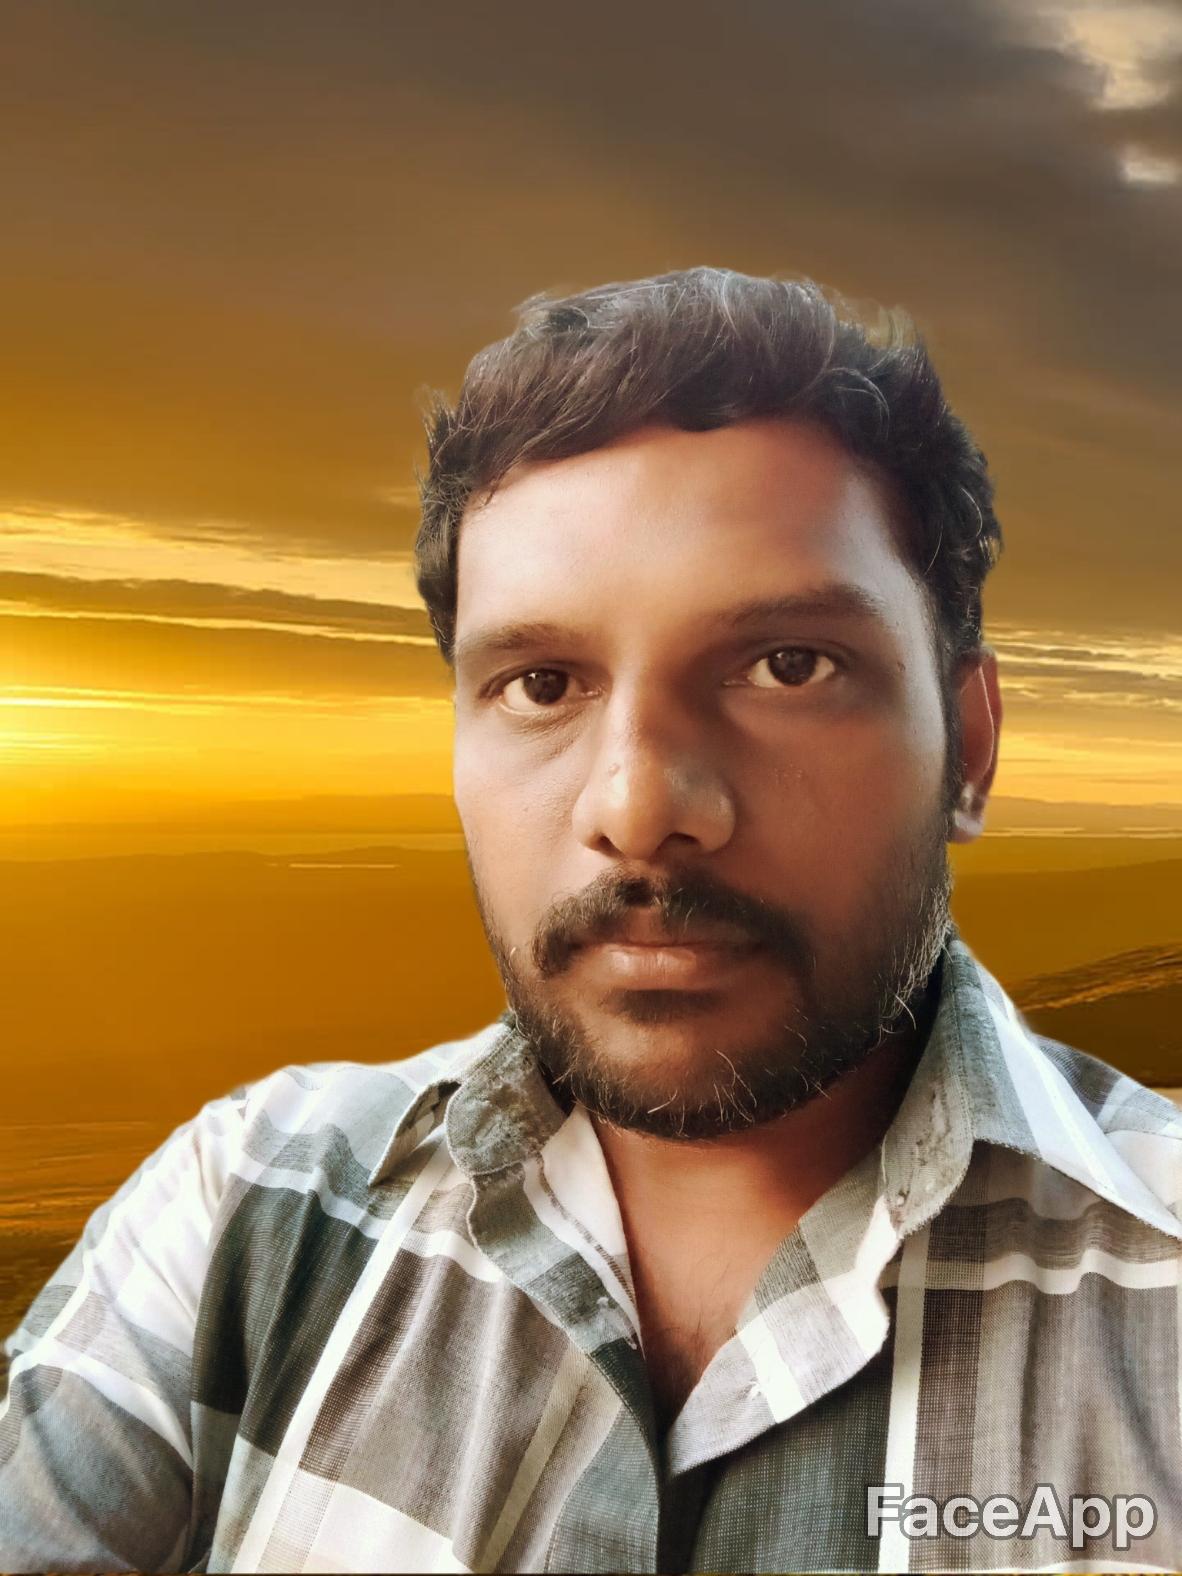 FaceApp_1564099121205.jpg